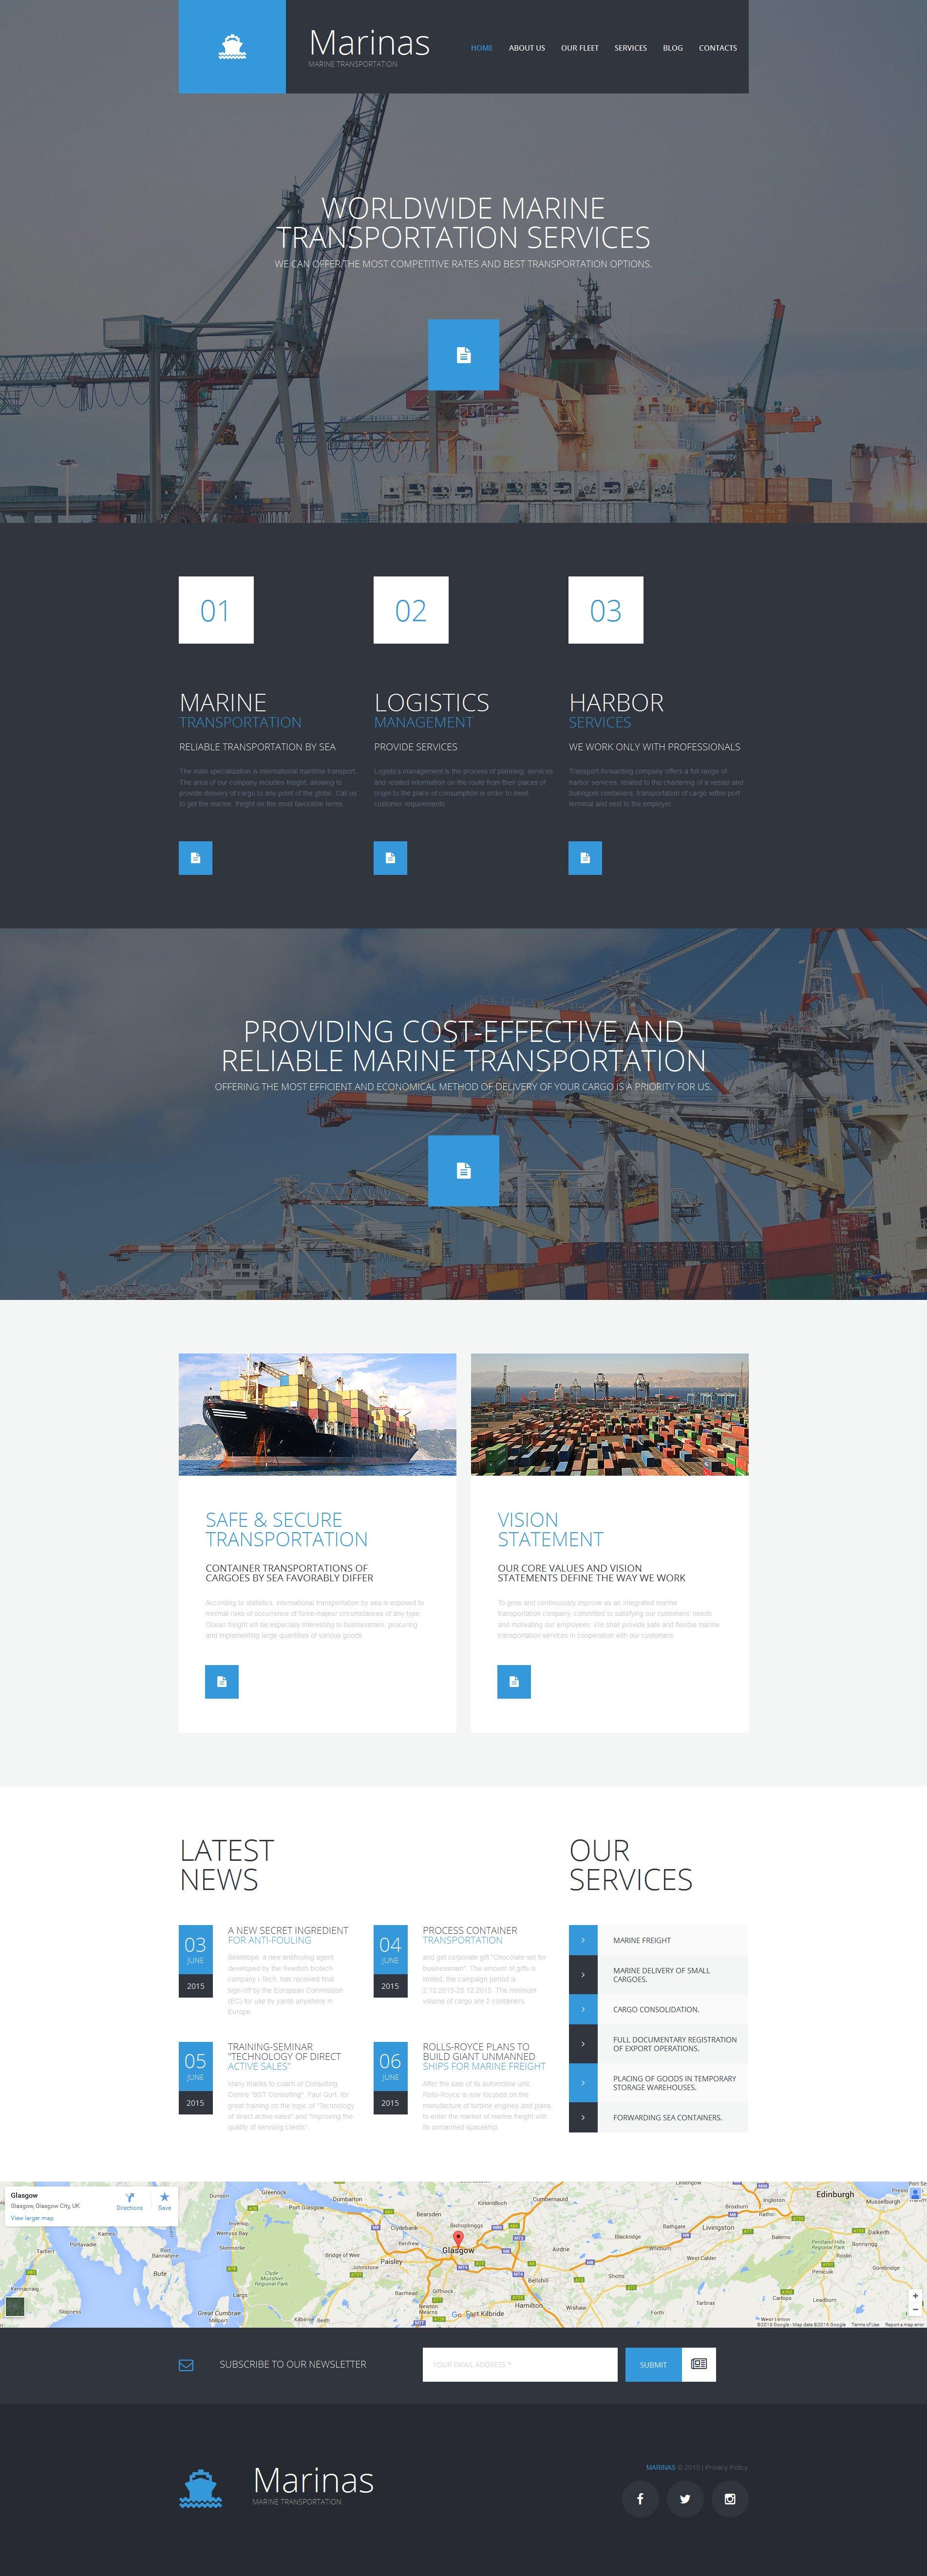 Templates Moto CMS 3 Flexível para Sites de Marítimos №56057